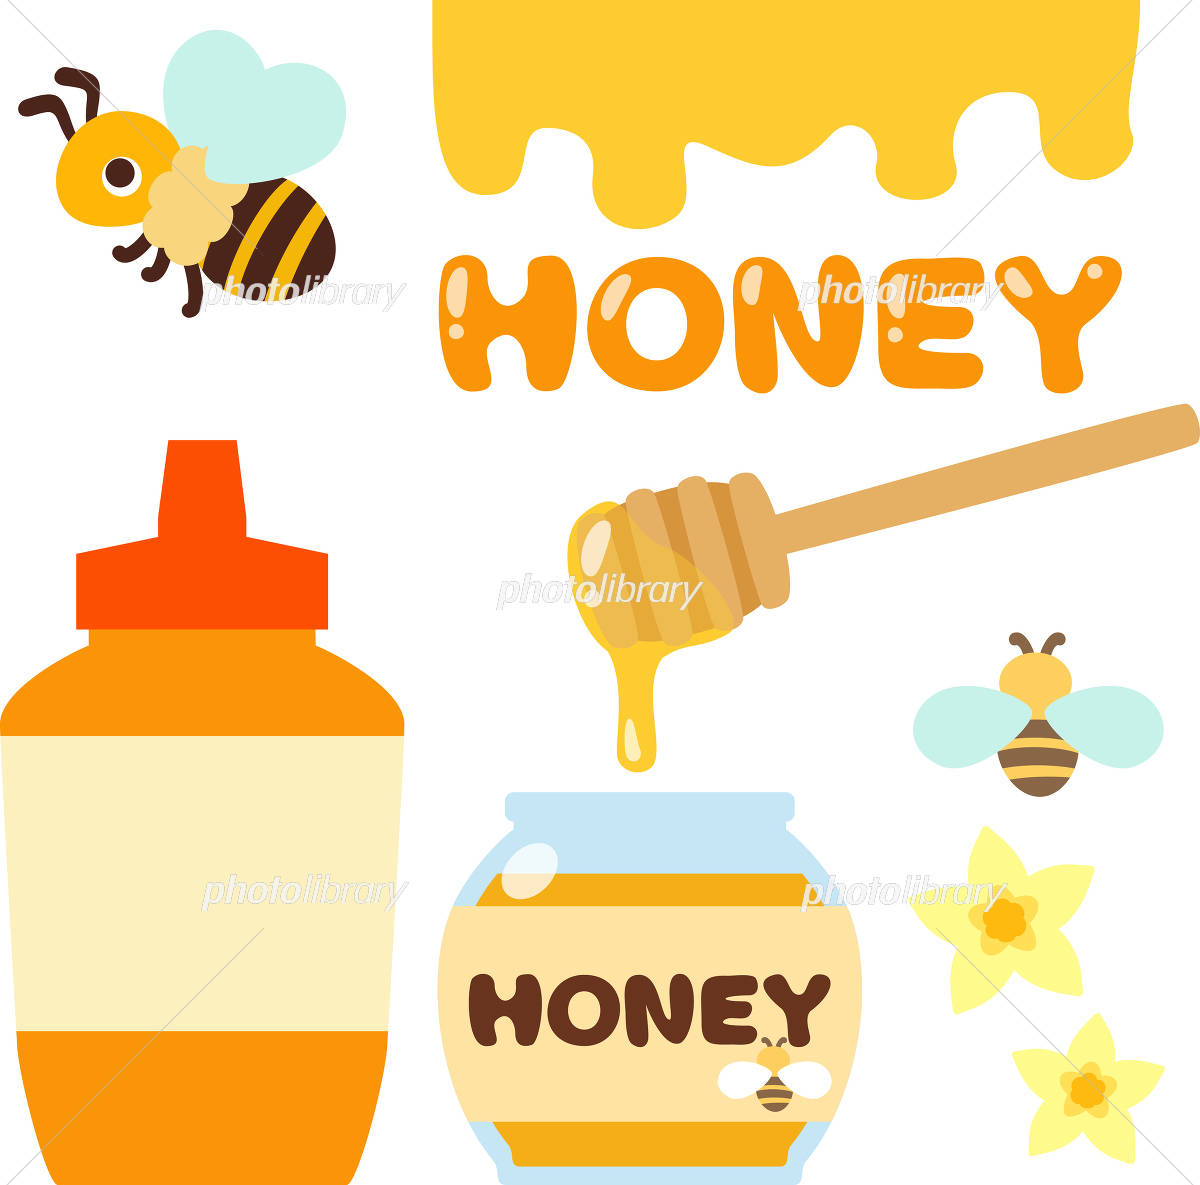 ハチミツ入りのボトル瓶ミツバチ イラスト素材 4386101 フォト